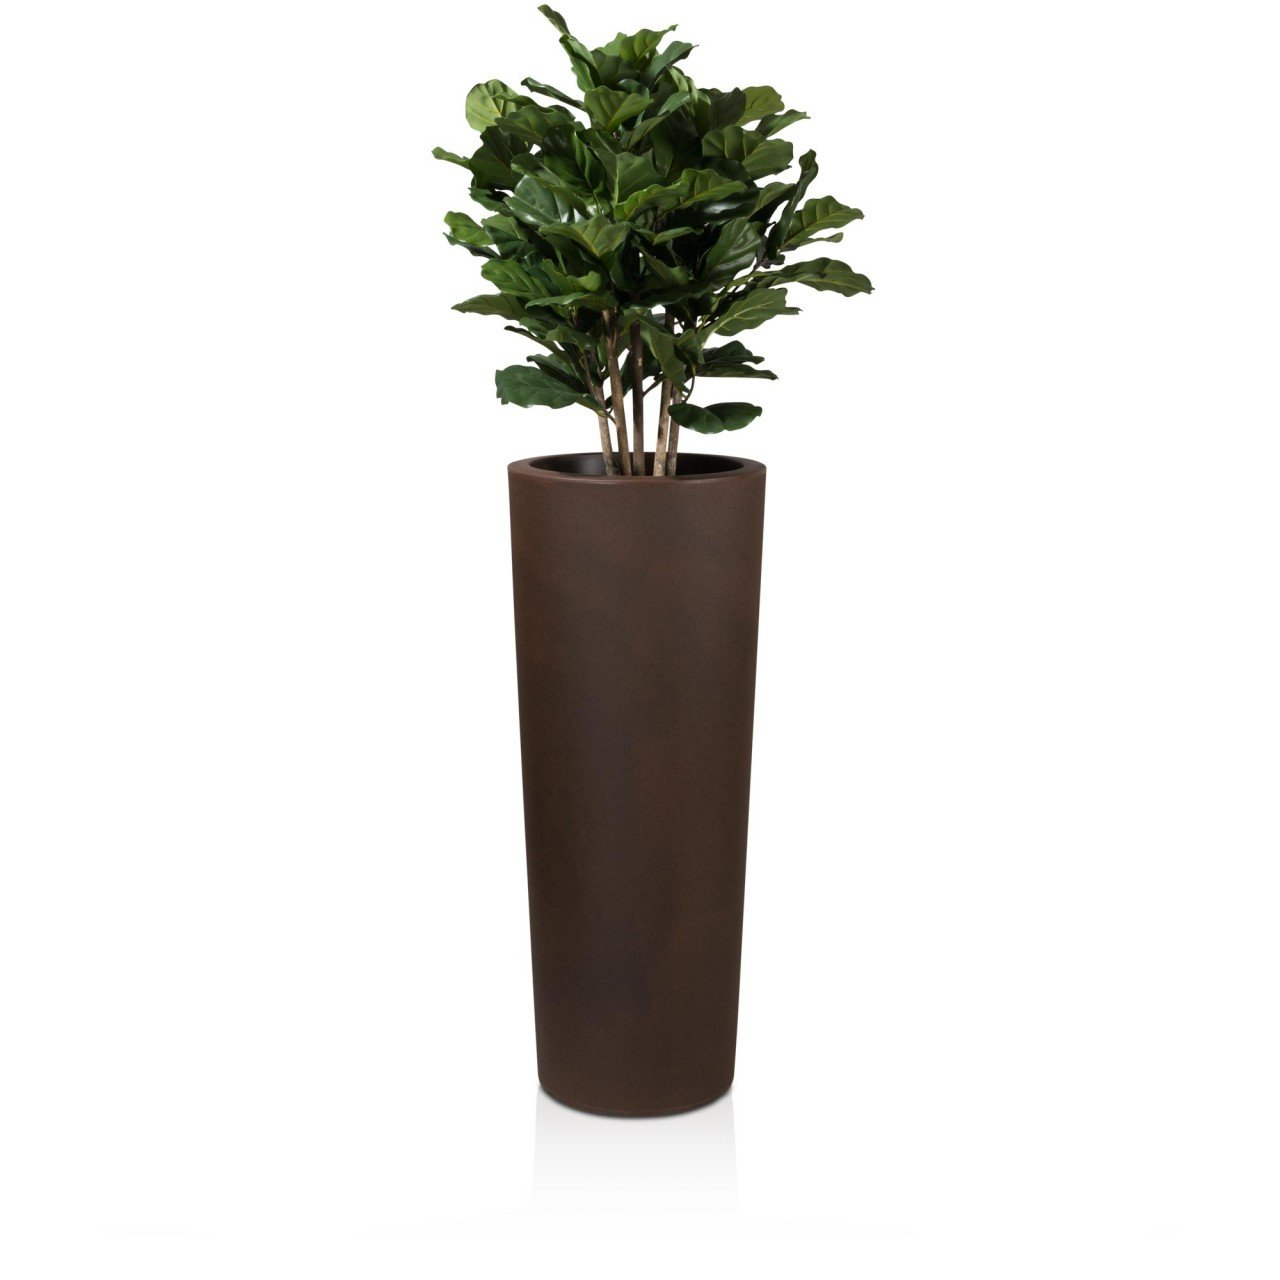 Pflanzkübel Blumenkübel CONO 110 Kunststoff, 45x45x110 cm, bronze matt